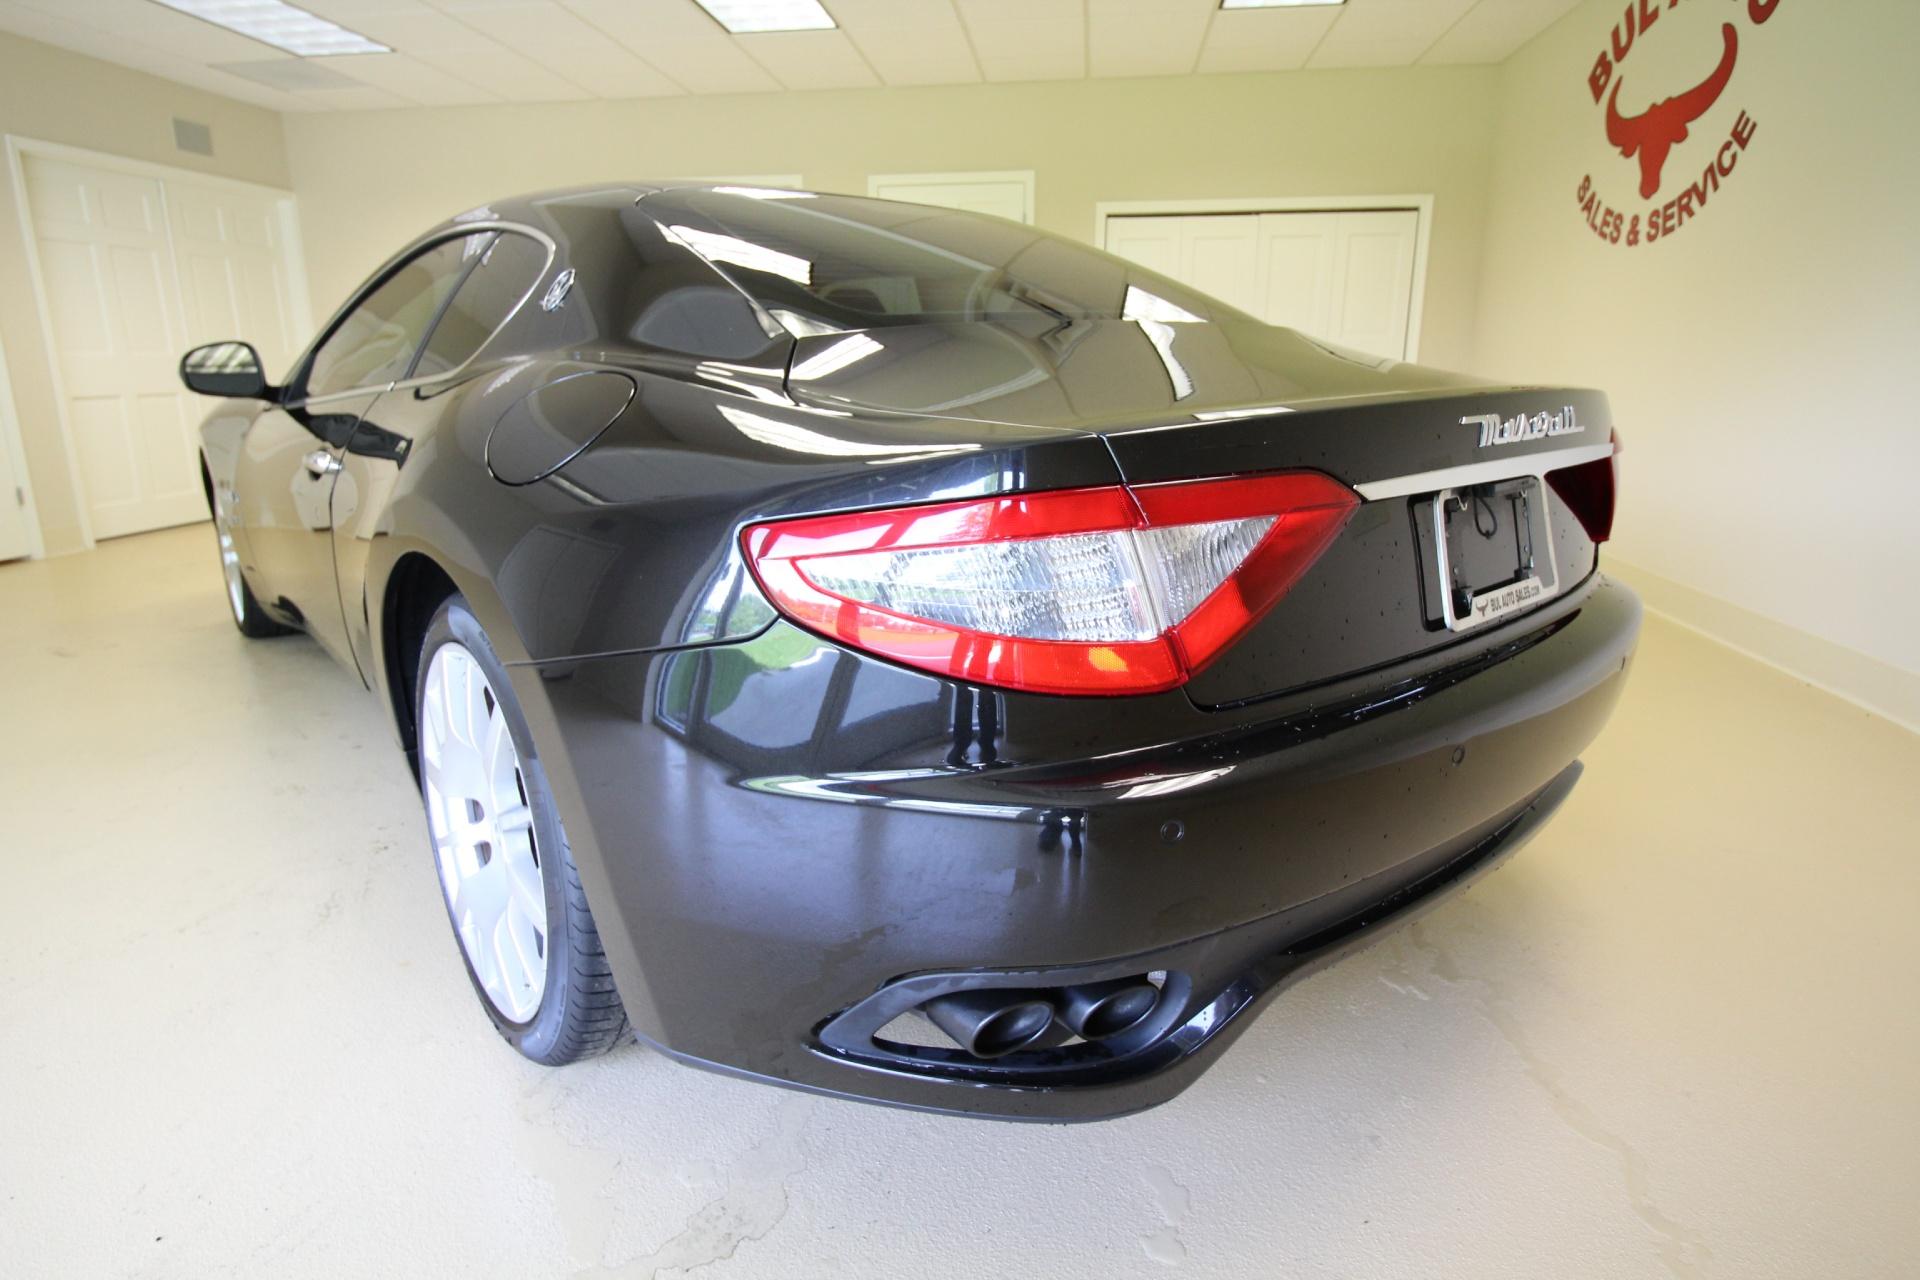 2008 maserati granturismo coupe stock # 16324 for sale near albany